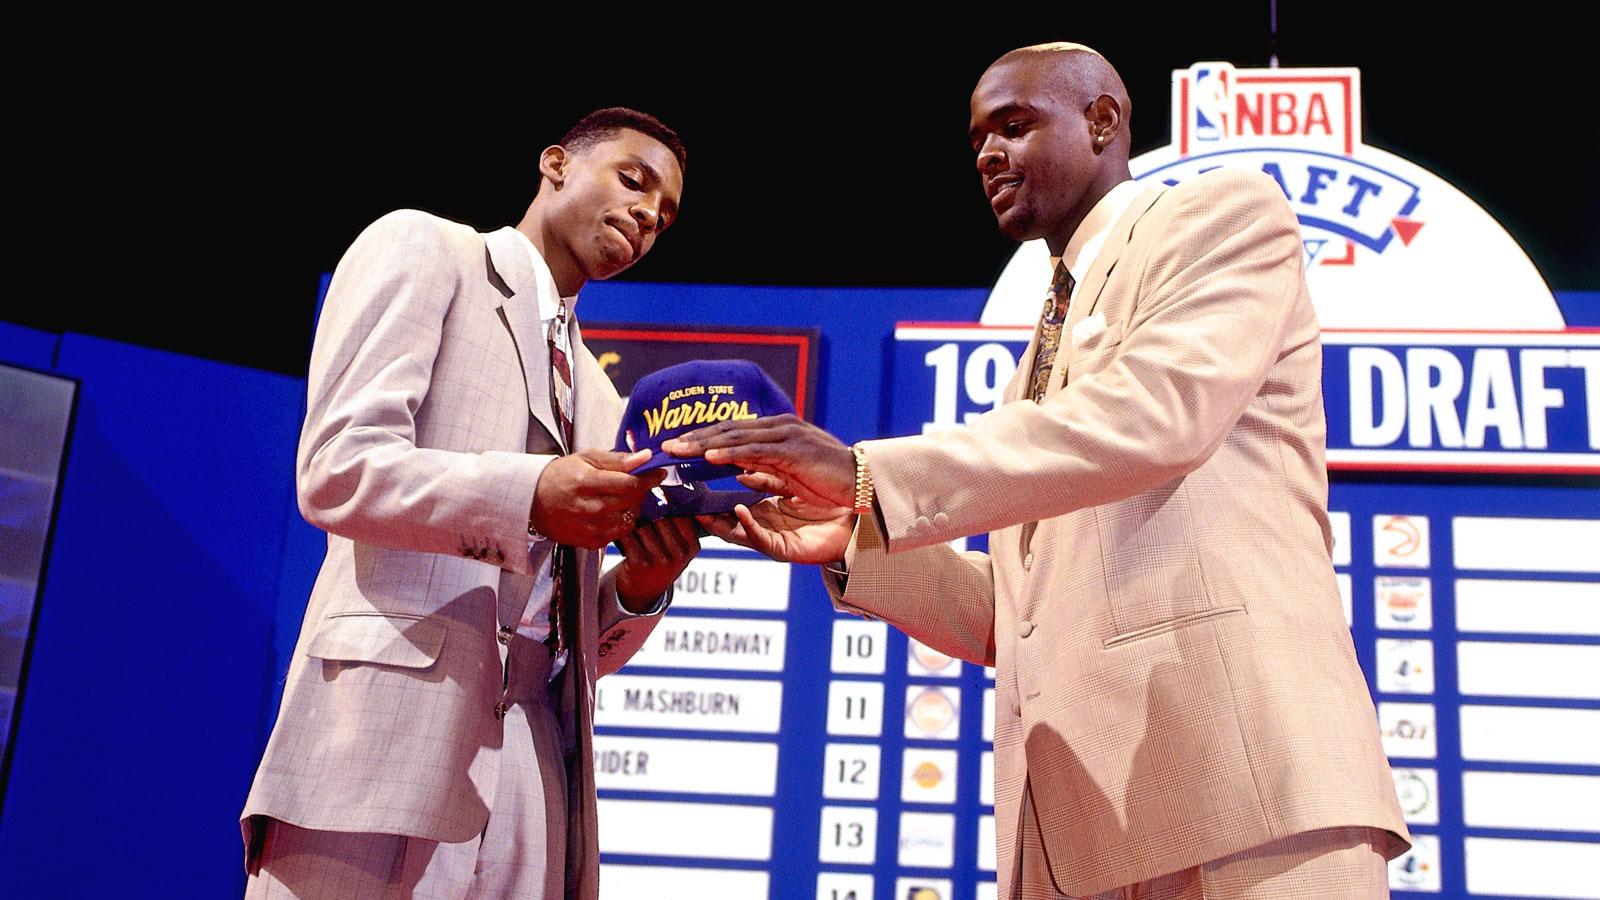 072114-NBA-1993-Penny-Hardway-Chris-Webber-SS-PI